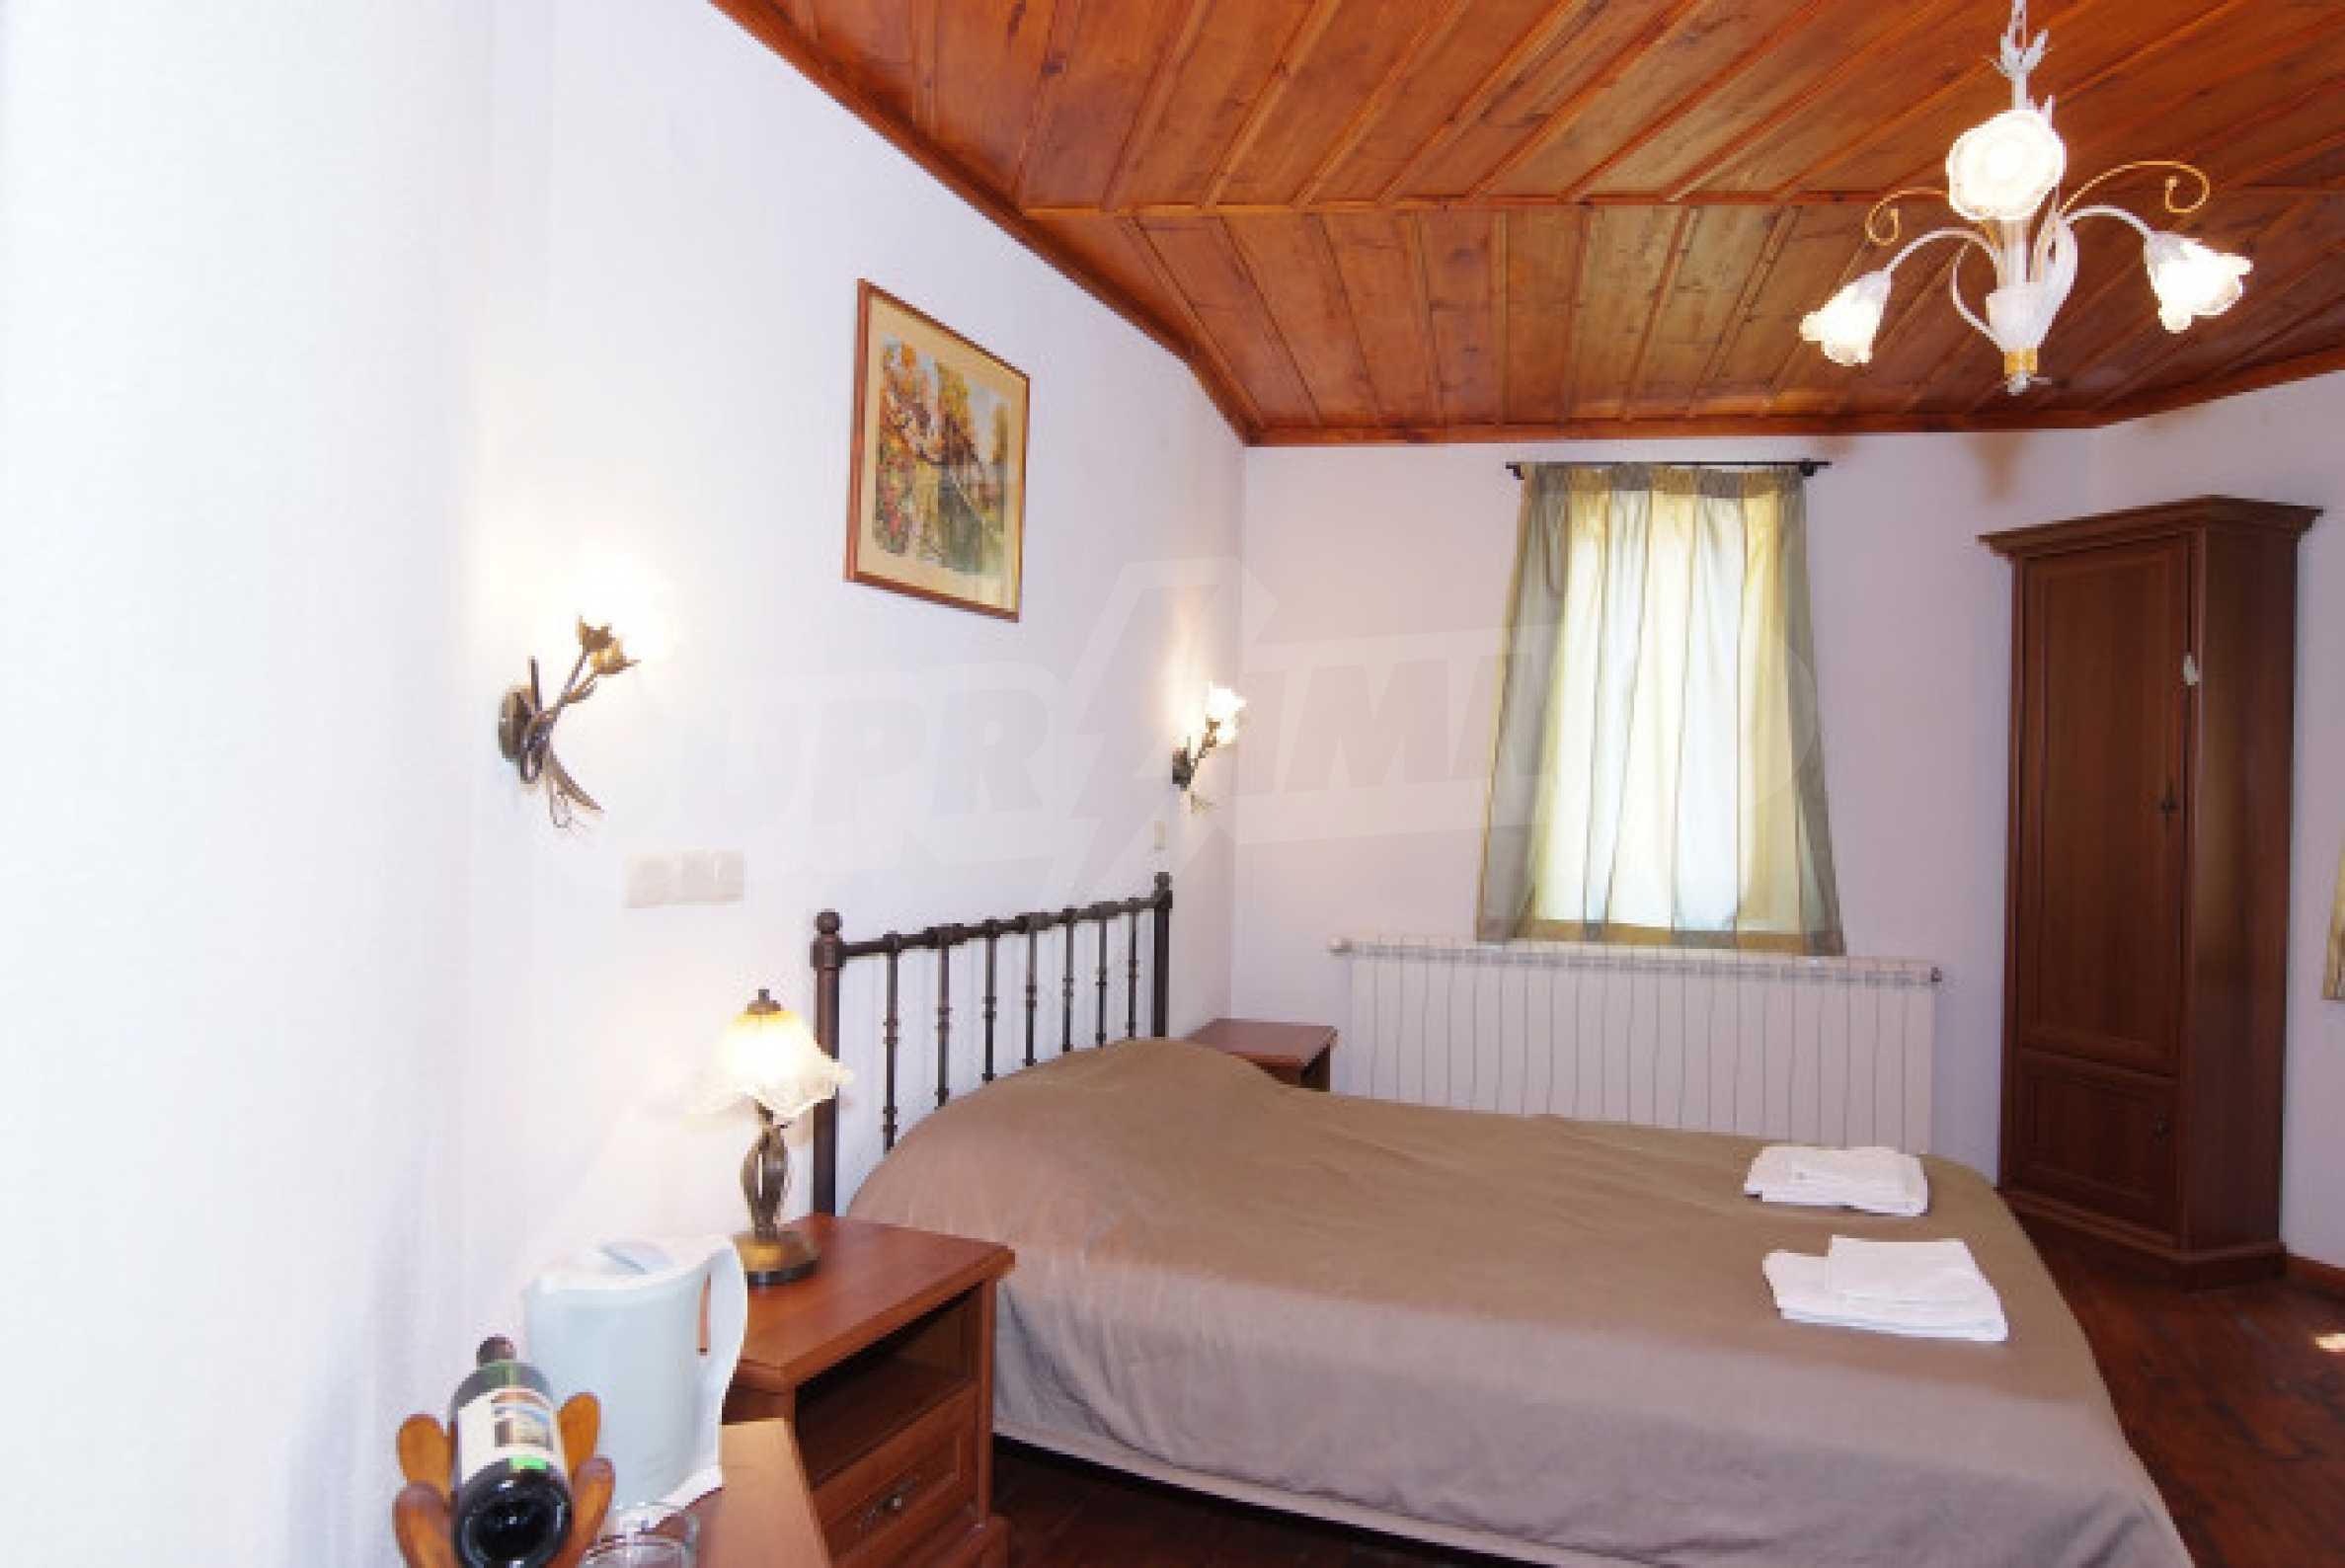 Гостиница, Отель в г. Мелник 22